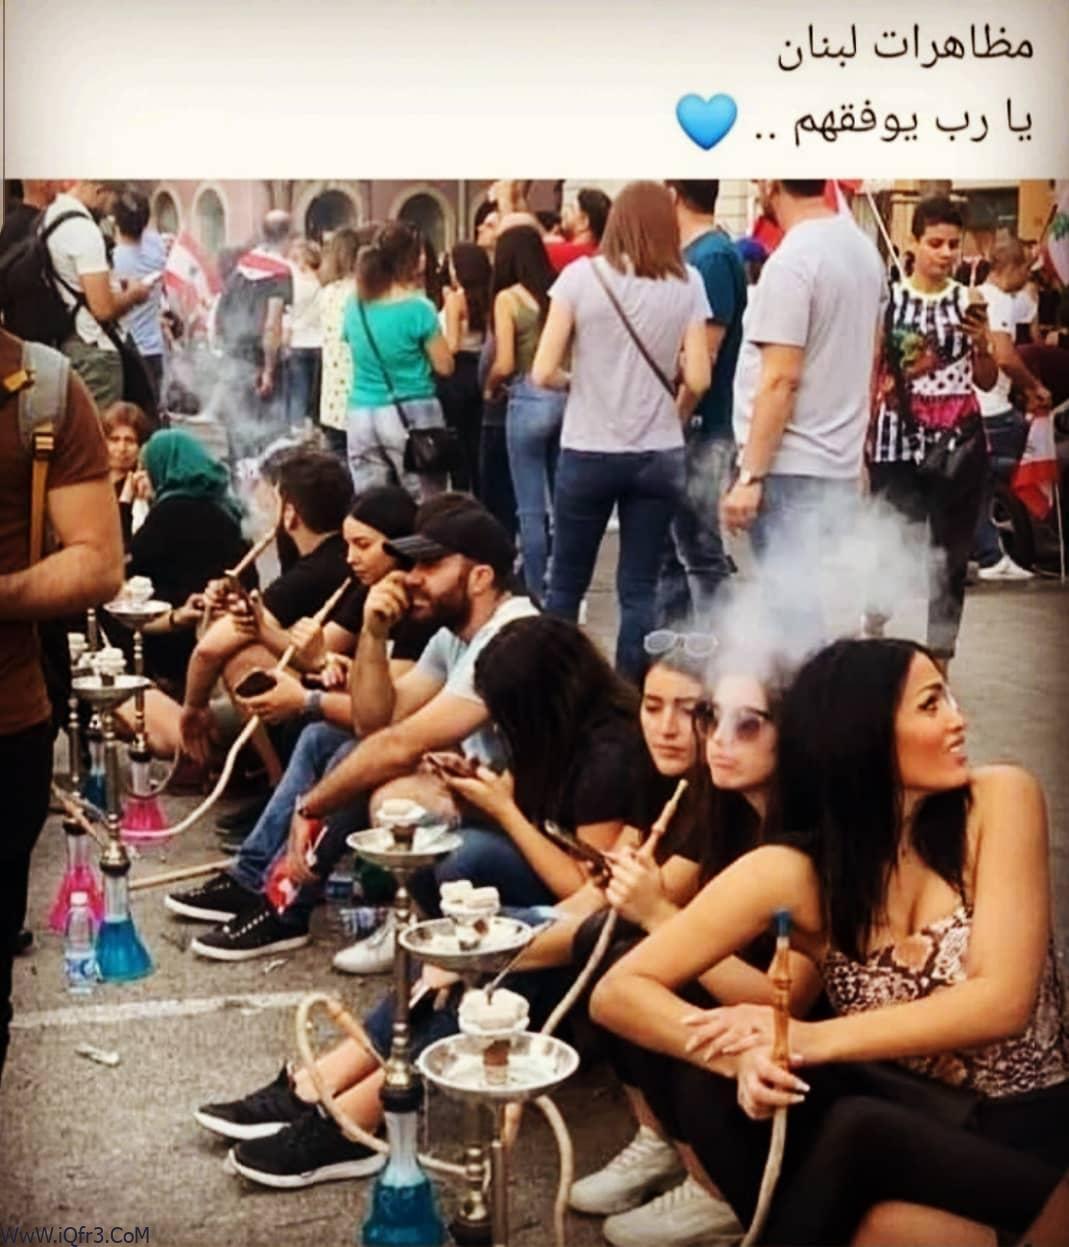 صور بنات لبنان من المظاهرة , ثورة بنات لبنان بالصور hd